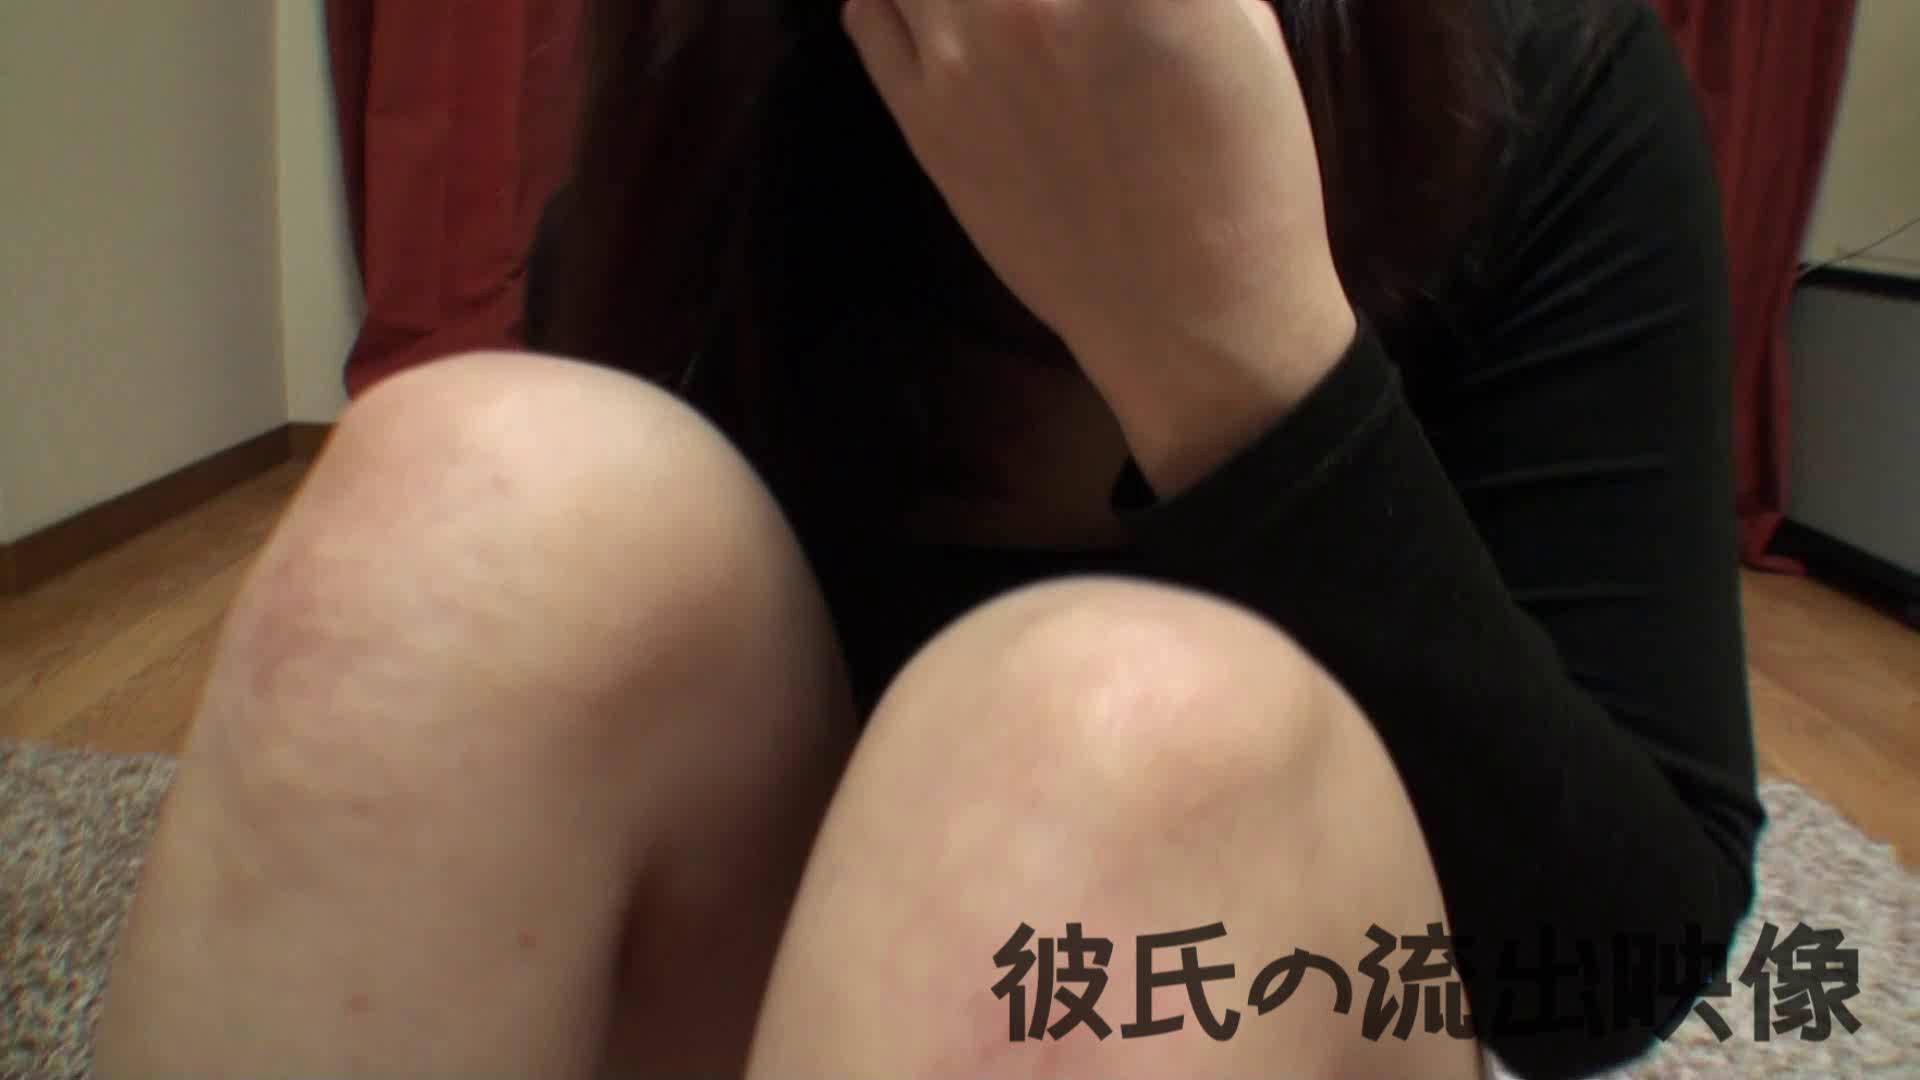 彼氏が流出 パイパン素人嬢のハメ撮り映像04 一般投稿  82連発 30